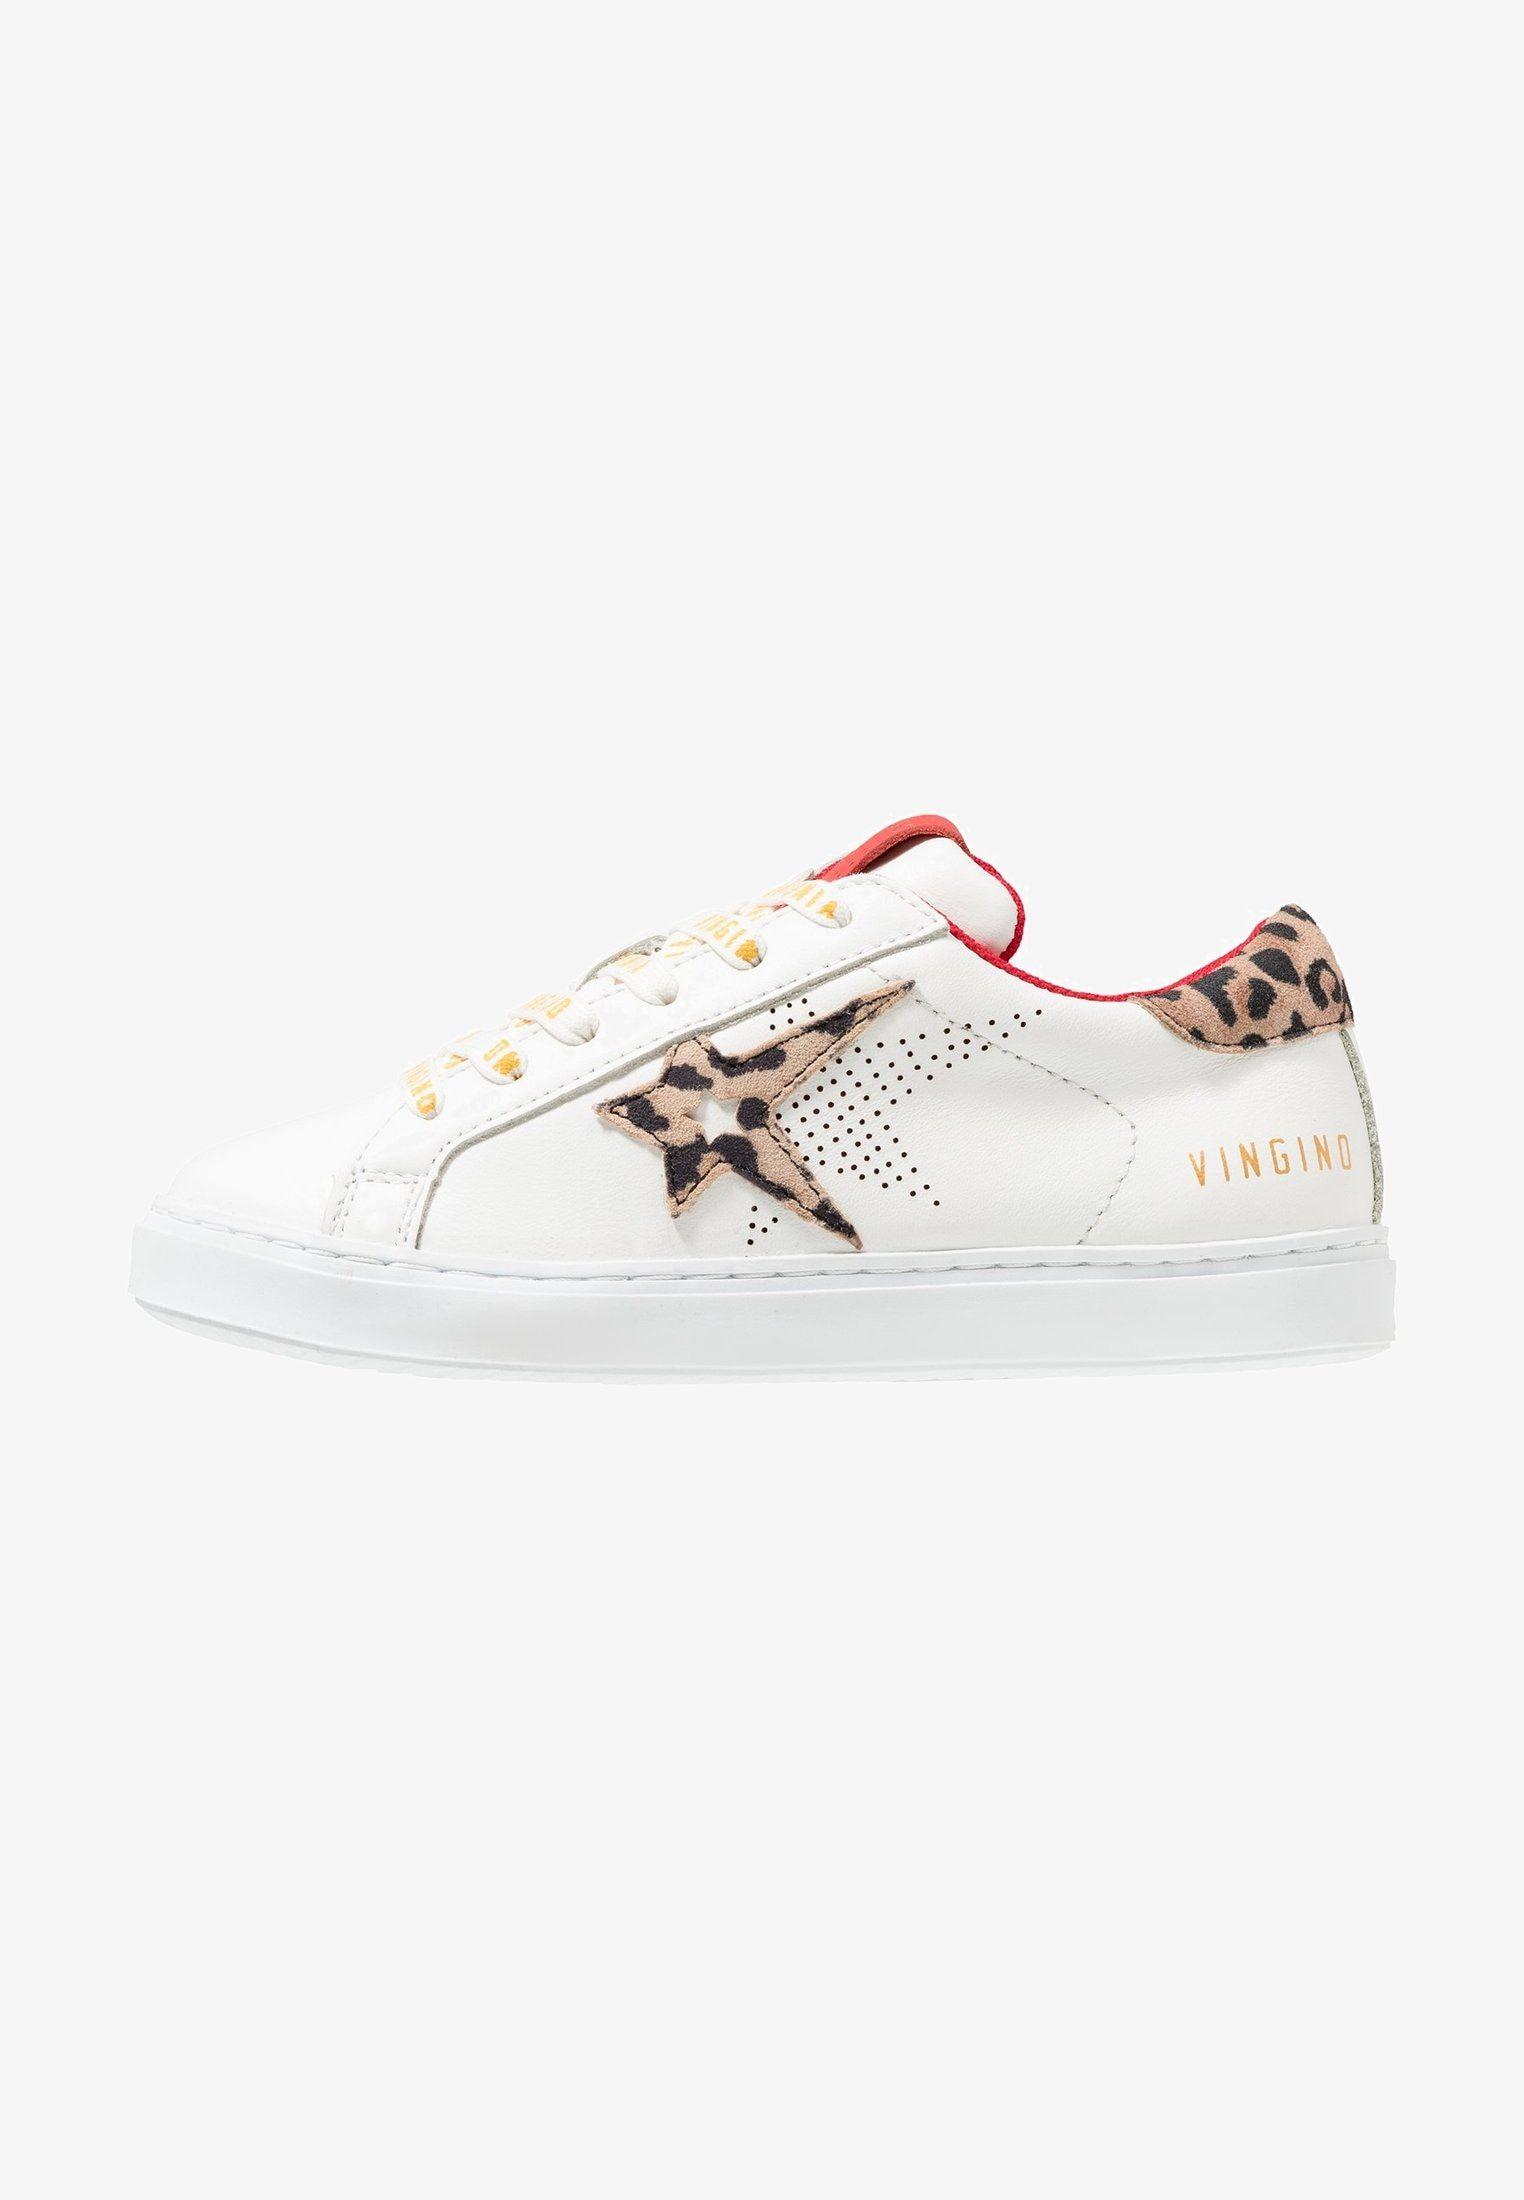 Vingino Mayke Sneakers Low Spring White Zalando De Zapatos Para Niñas Diseños De Zapatos Calzado Niños